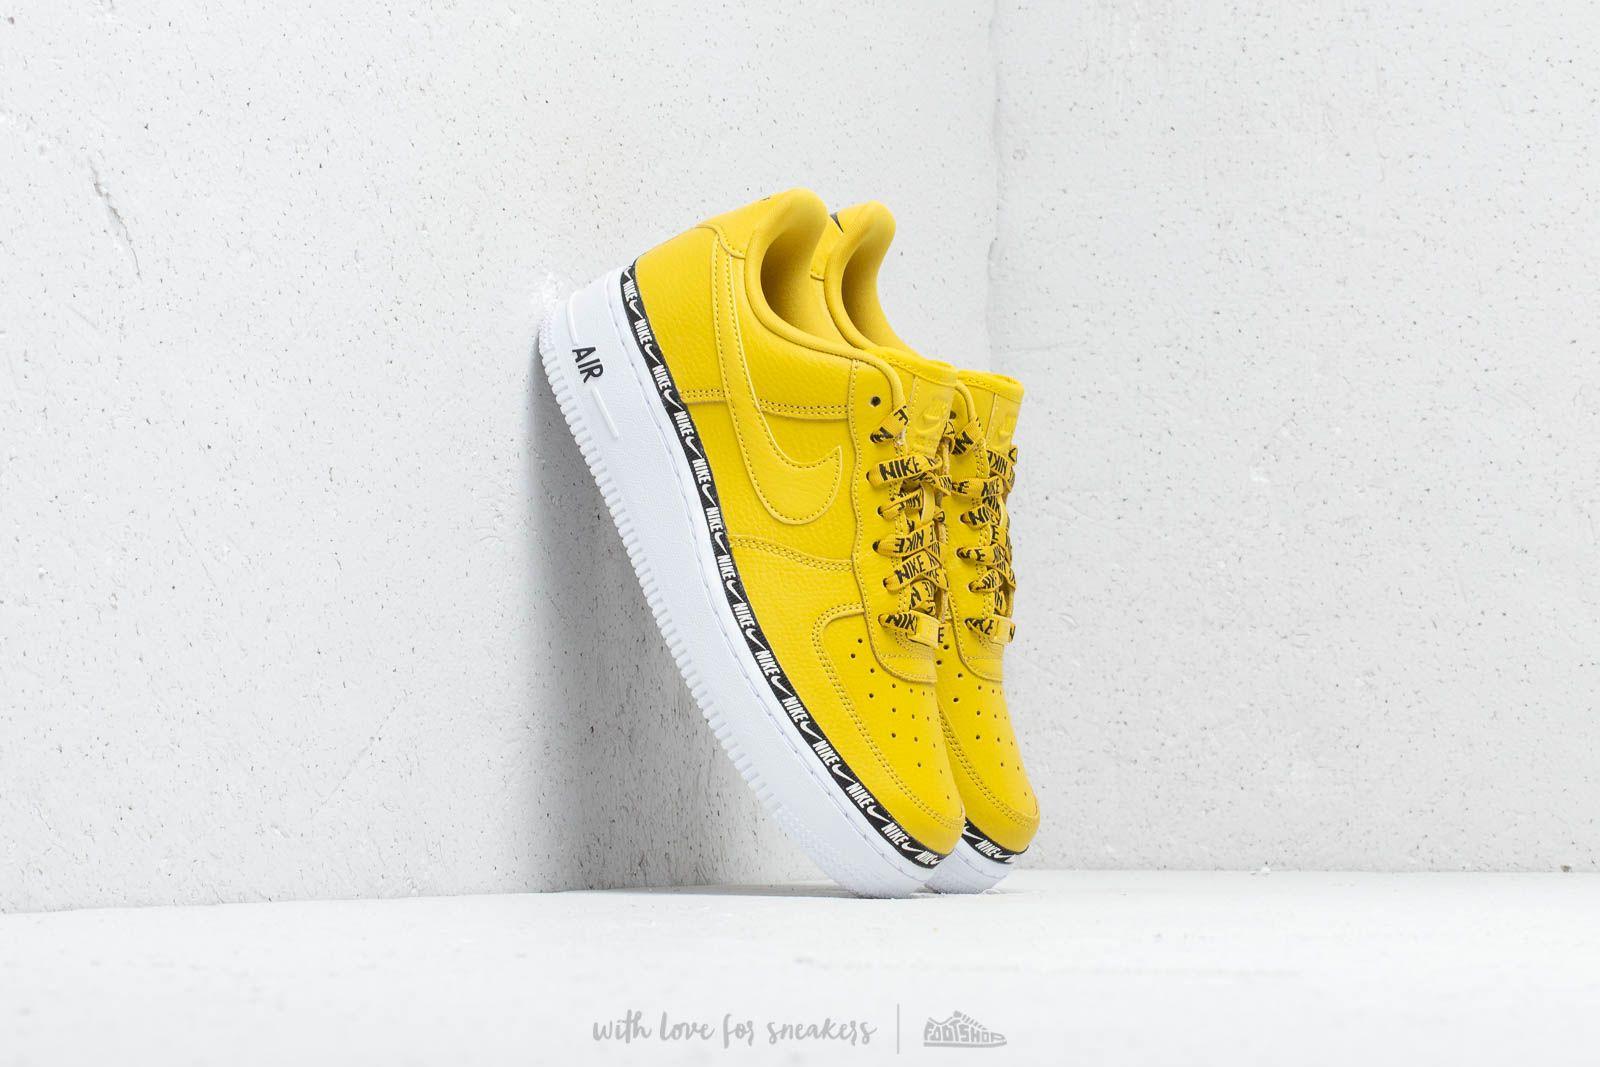 los angeles f4724 04e2a Nike Wm s Air Force 1  07 SE Premium Bright Citron  Bright Citron